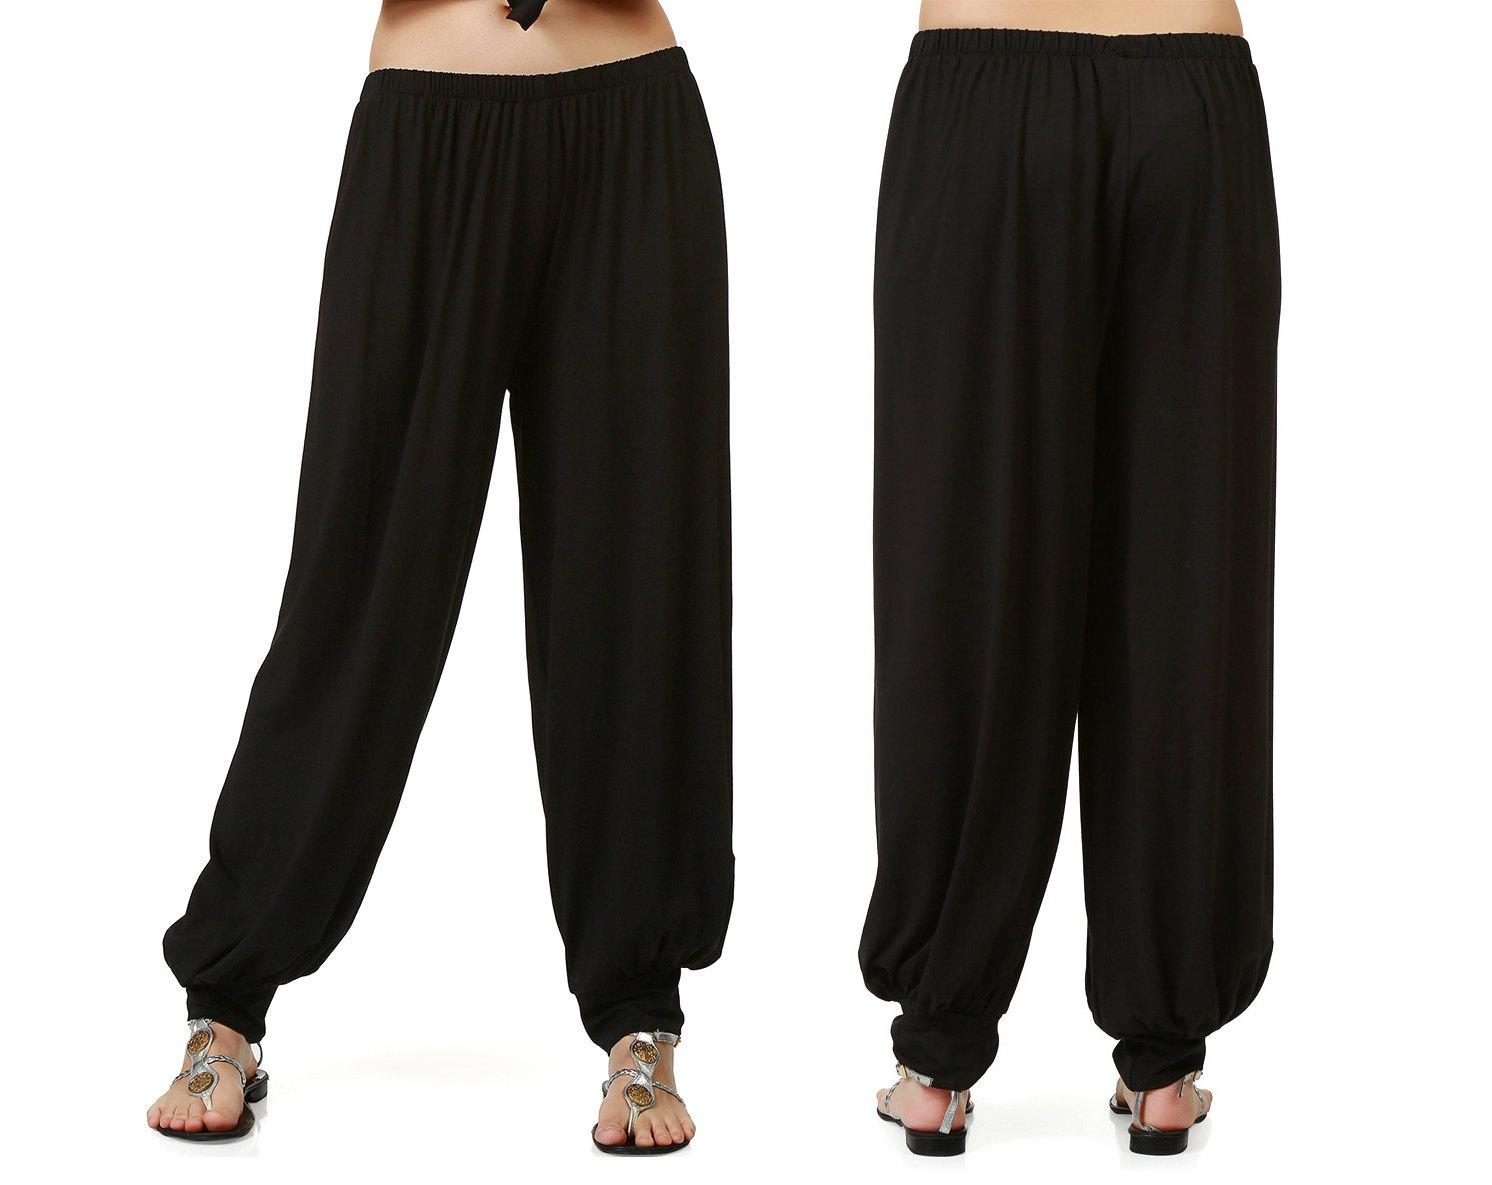 Juniors Hippie Pants Plus Size Harem Pants For Women Cotton Plus Size Lofbaz Women's Smocked Waist Aladdin Genie 2 in 1 Harem Pants Jumpsuit. by Lofbaz. $ Auwer Plus Size Women Spring Harem Pants Casual Wide Leg Pants Casual Trousers (Black, 2XL) by Auwer. $ $ 0 99 ($/Gram) See Details.